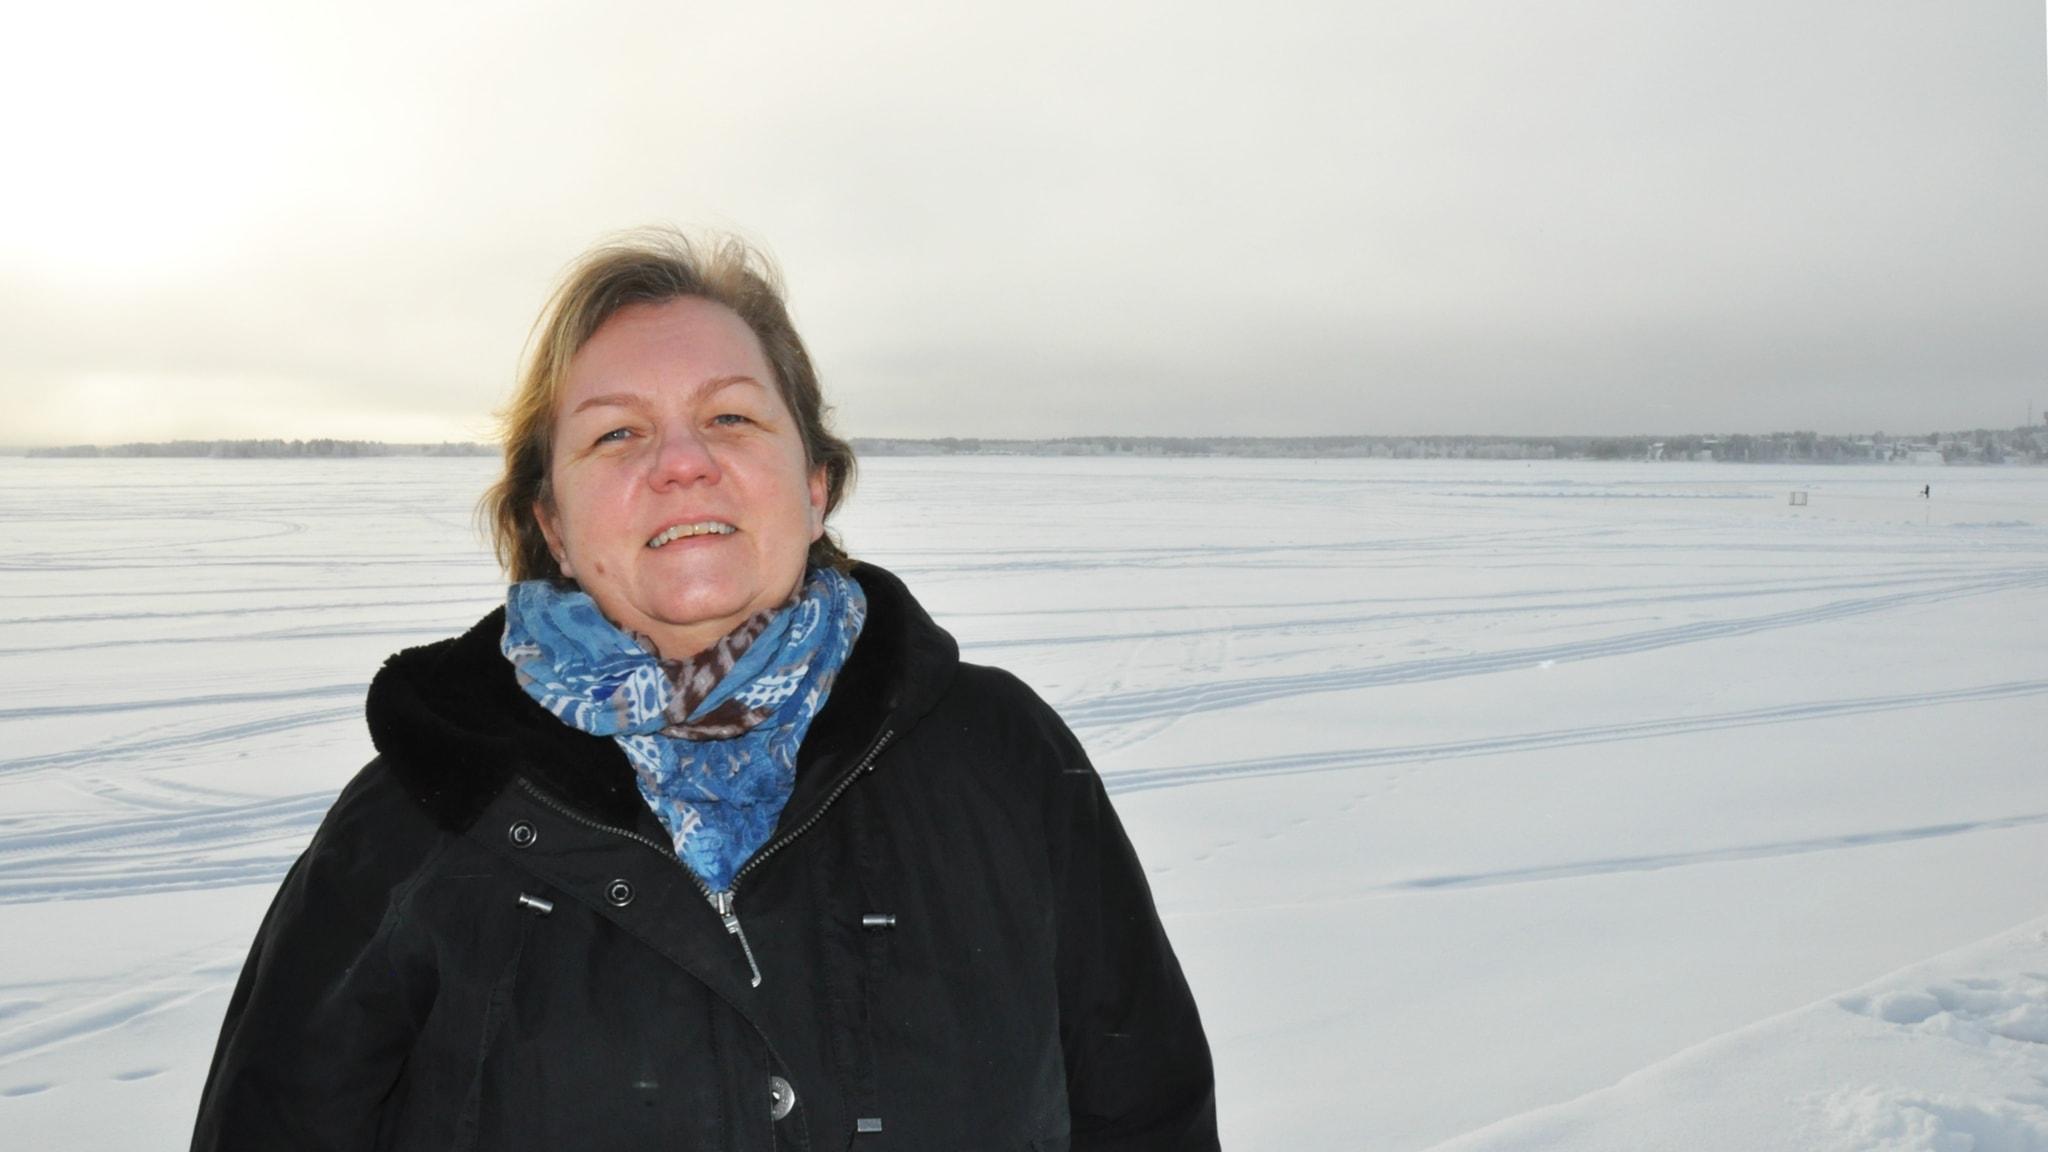 Mona Mörtlund är poet och bor i Luleå